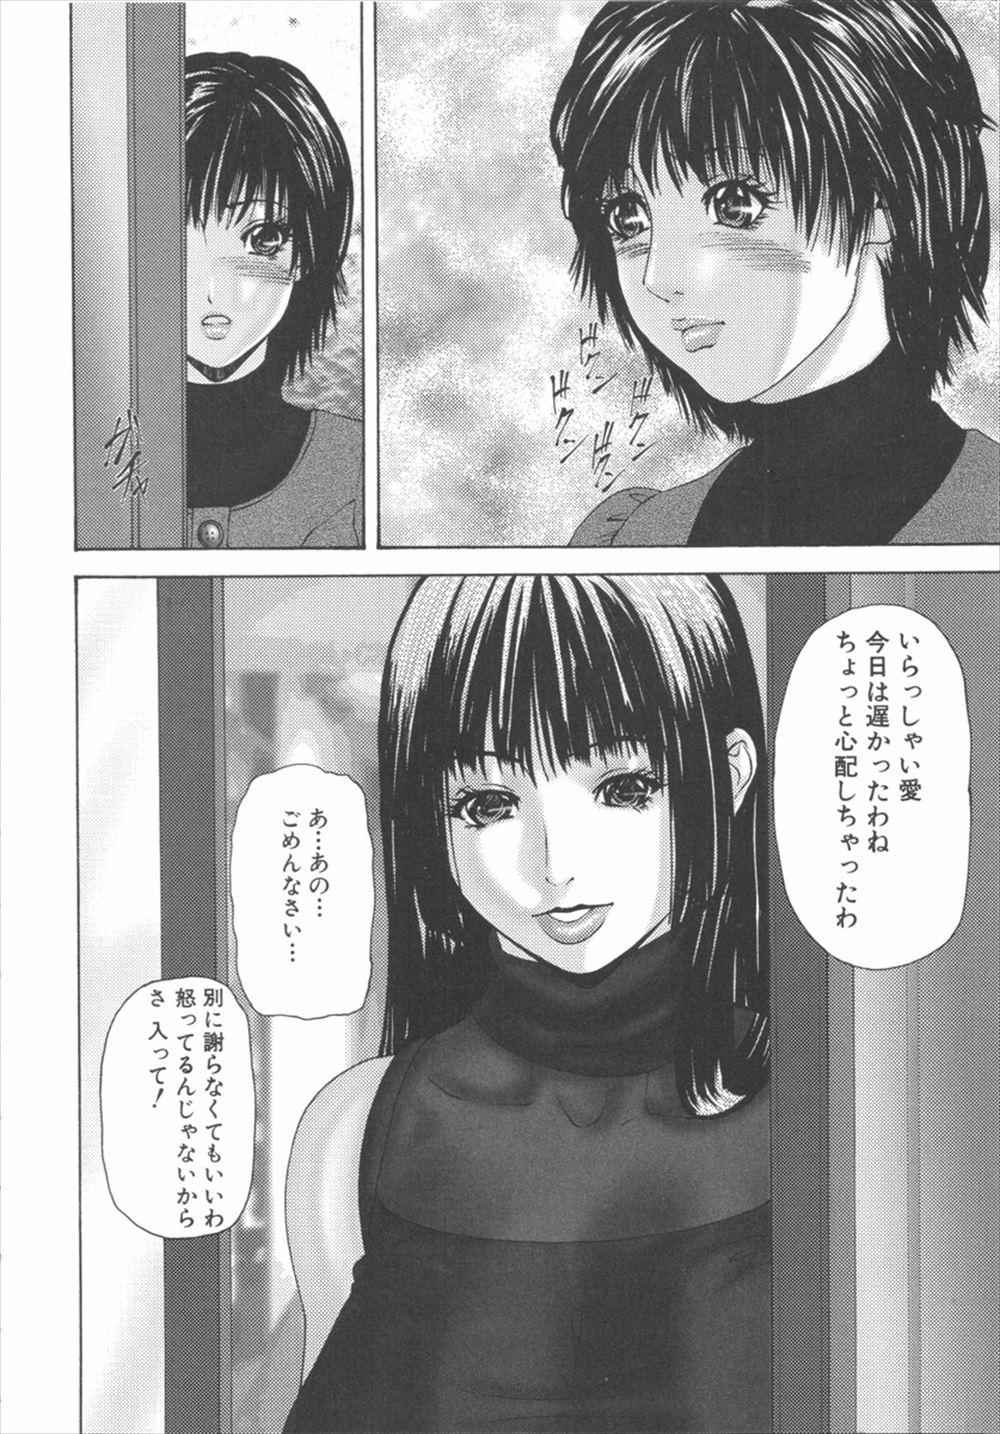 【エロ漫画】同性愛者のJKがネットで出逢い一目惚れした両性具有の美人お姉さんのふたなりペニスに夢中になる!